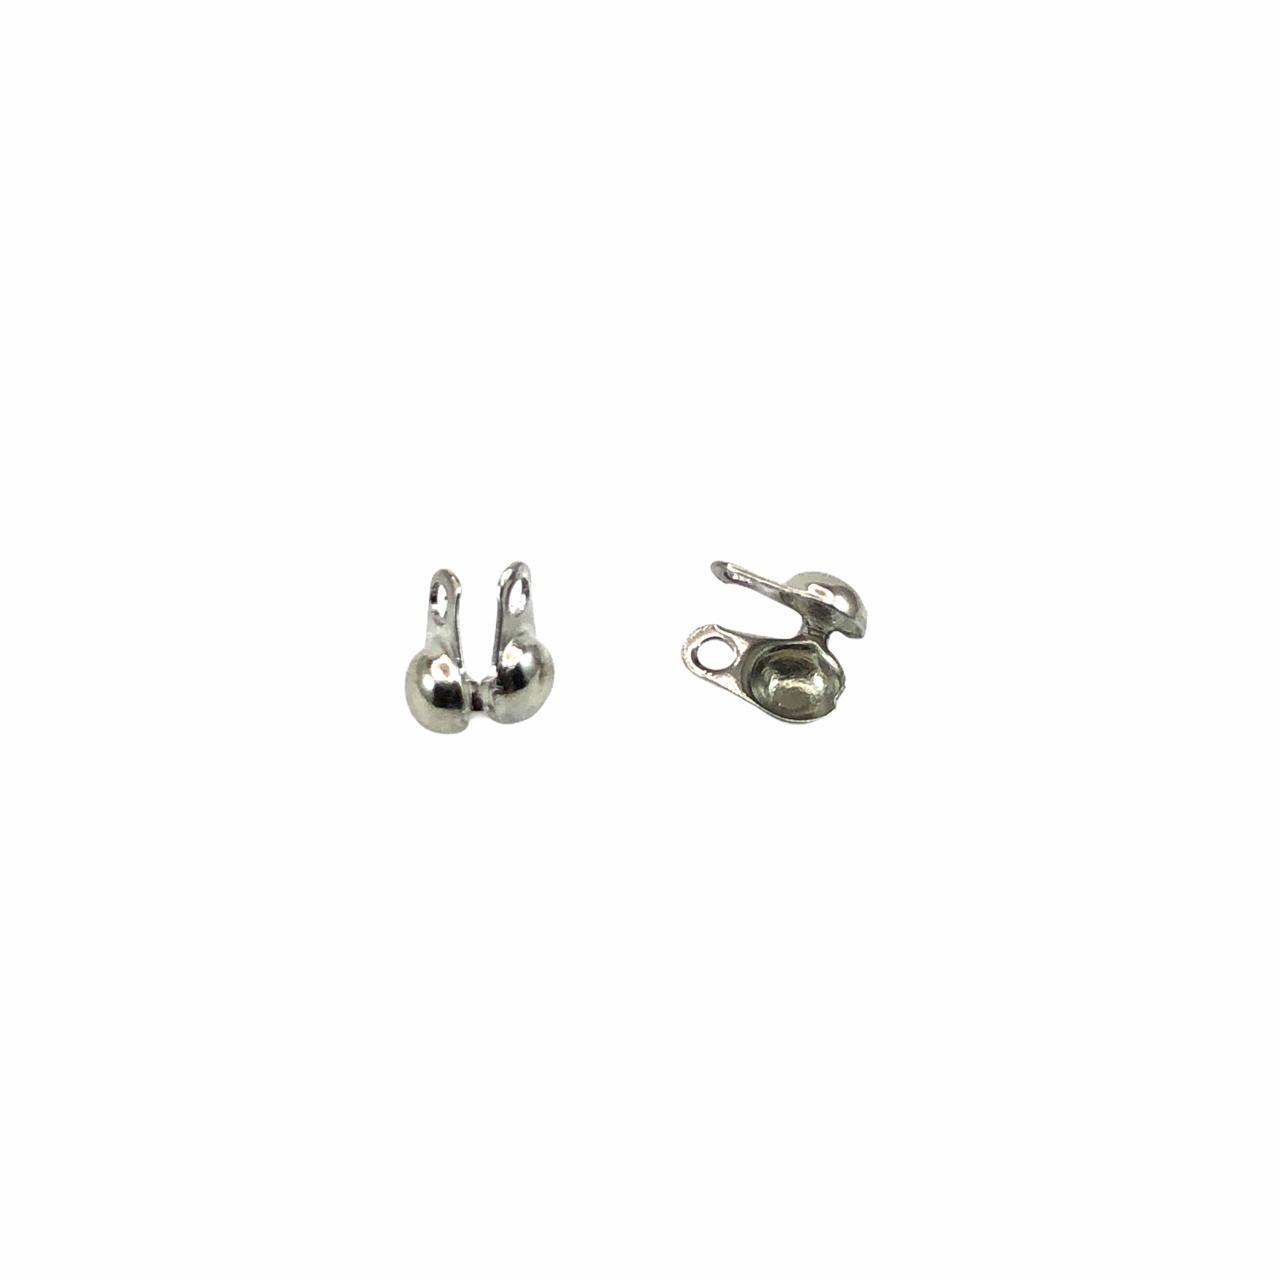 AC437 - Tip Corrente de bolinha 1.5 Banhado Cor Prata - 10Unids